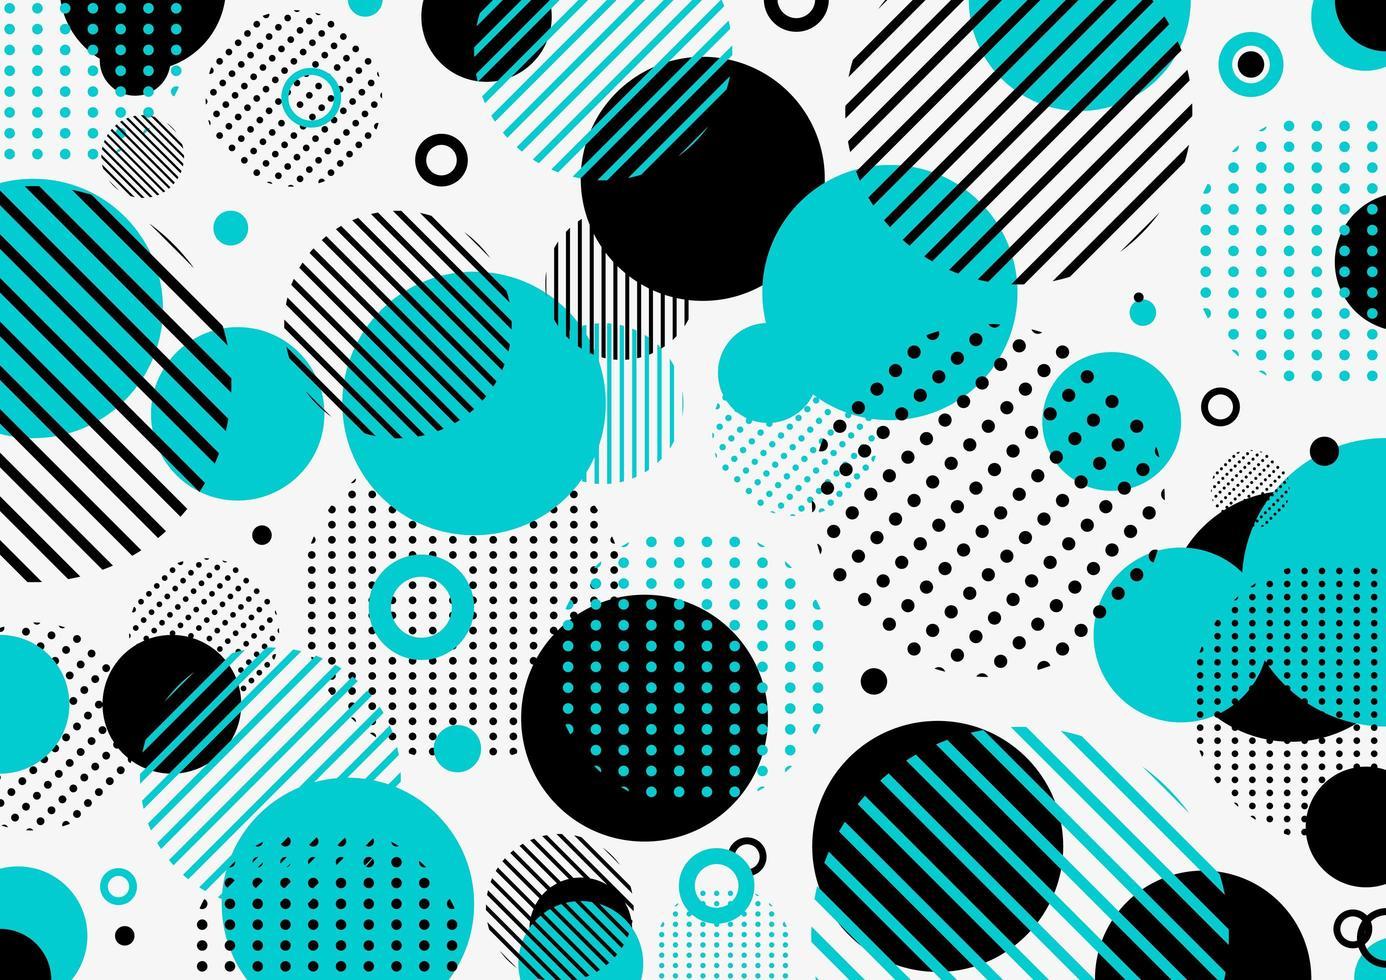 abstrakte Retro 80er-90er Muster blaue und schwarze geometrische Kreise vektor